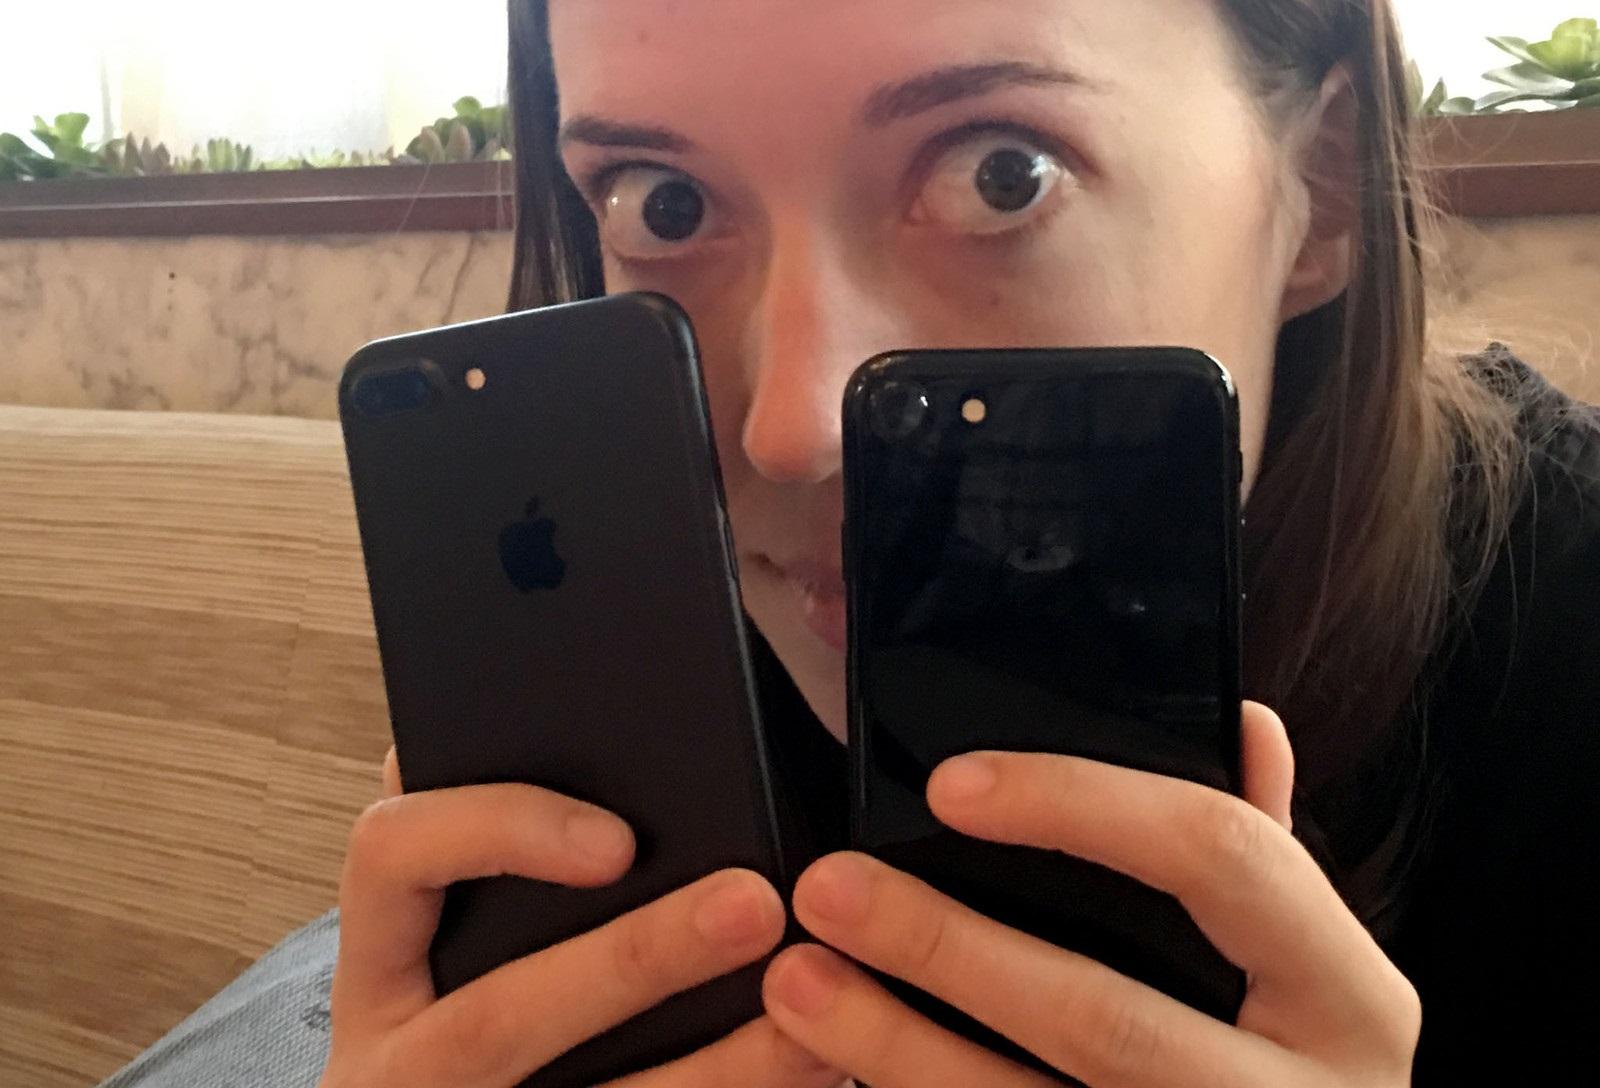 Jet Black iPhone 7 Plus Kılıfsız Kullanım Sonucu Tanınmayacak Hale Geldi!